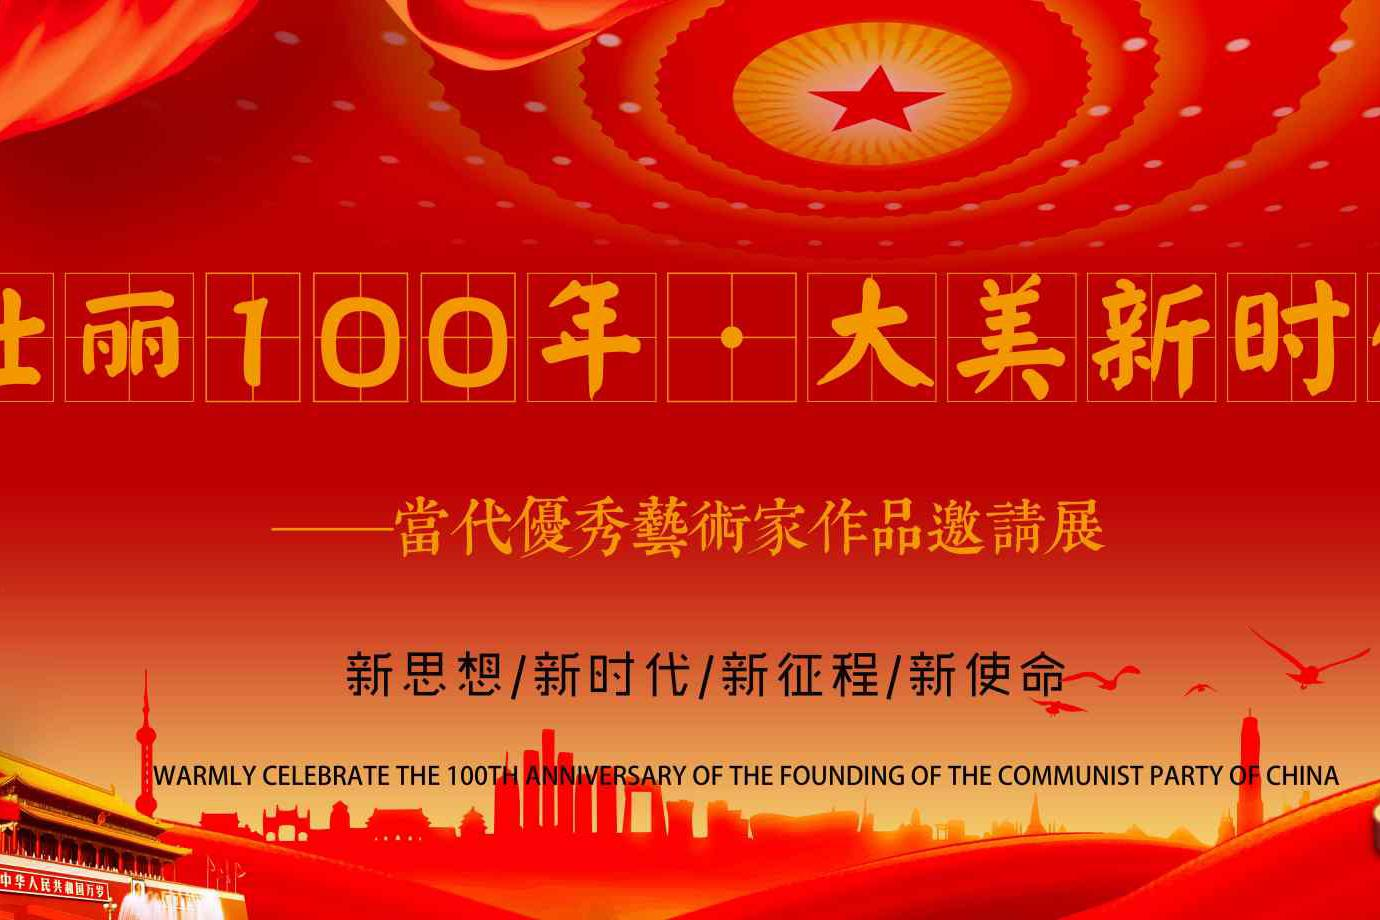 聂国强:壮丽100年·大美新时代——当代优秀艺术家作品邀请展